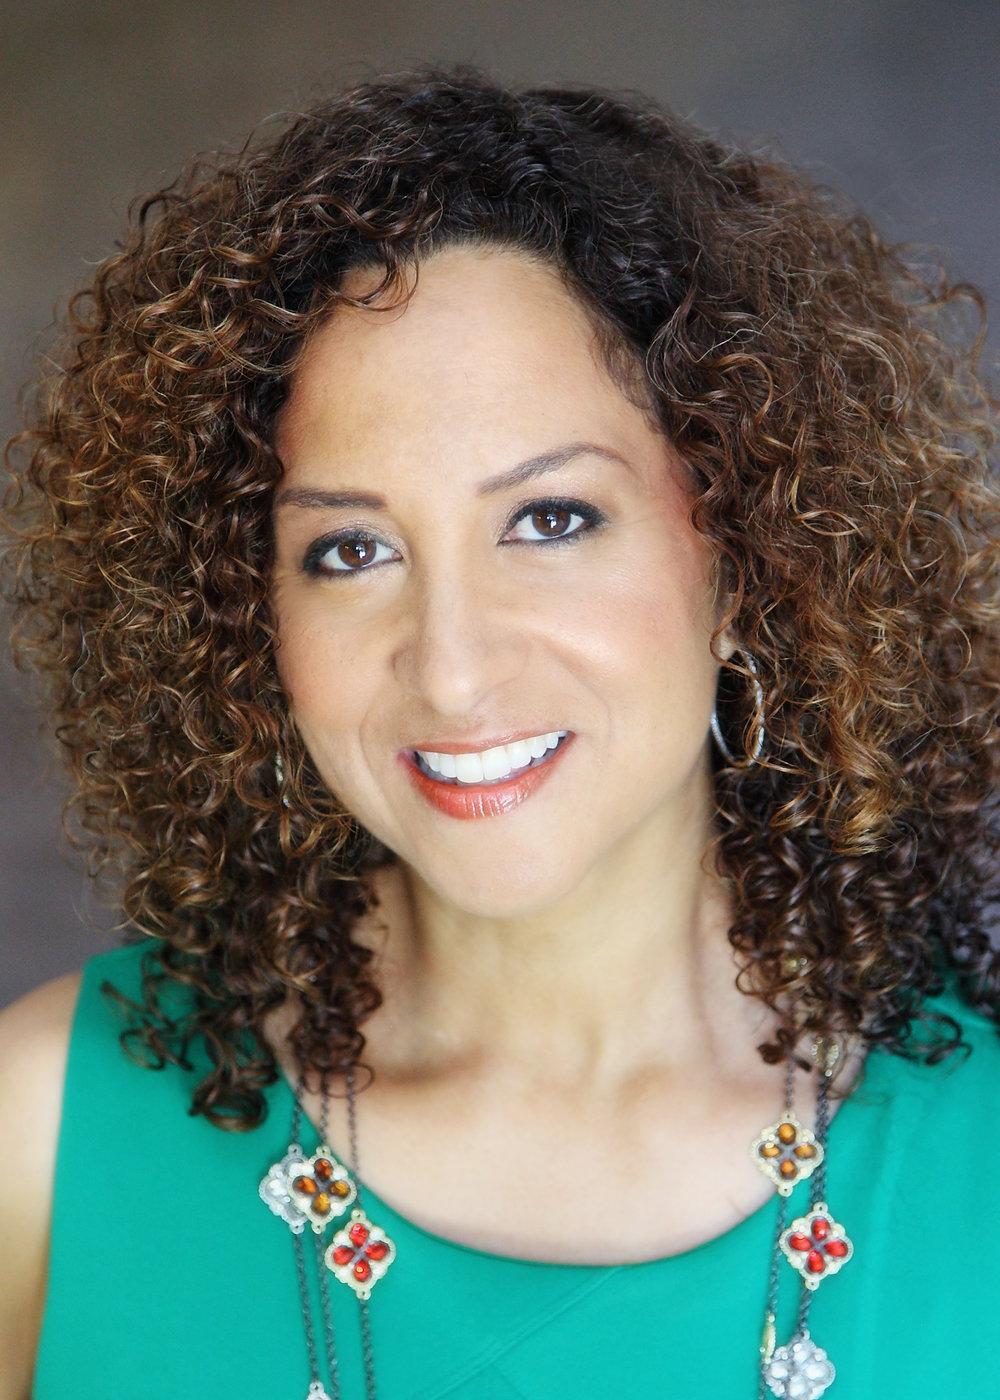 Karen Horne, NBCUniversal